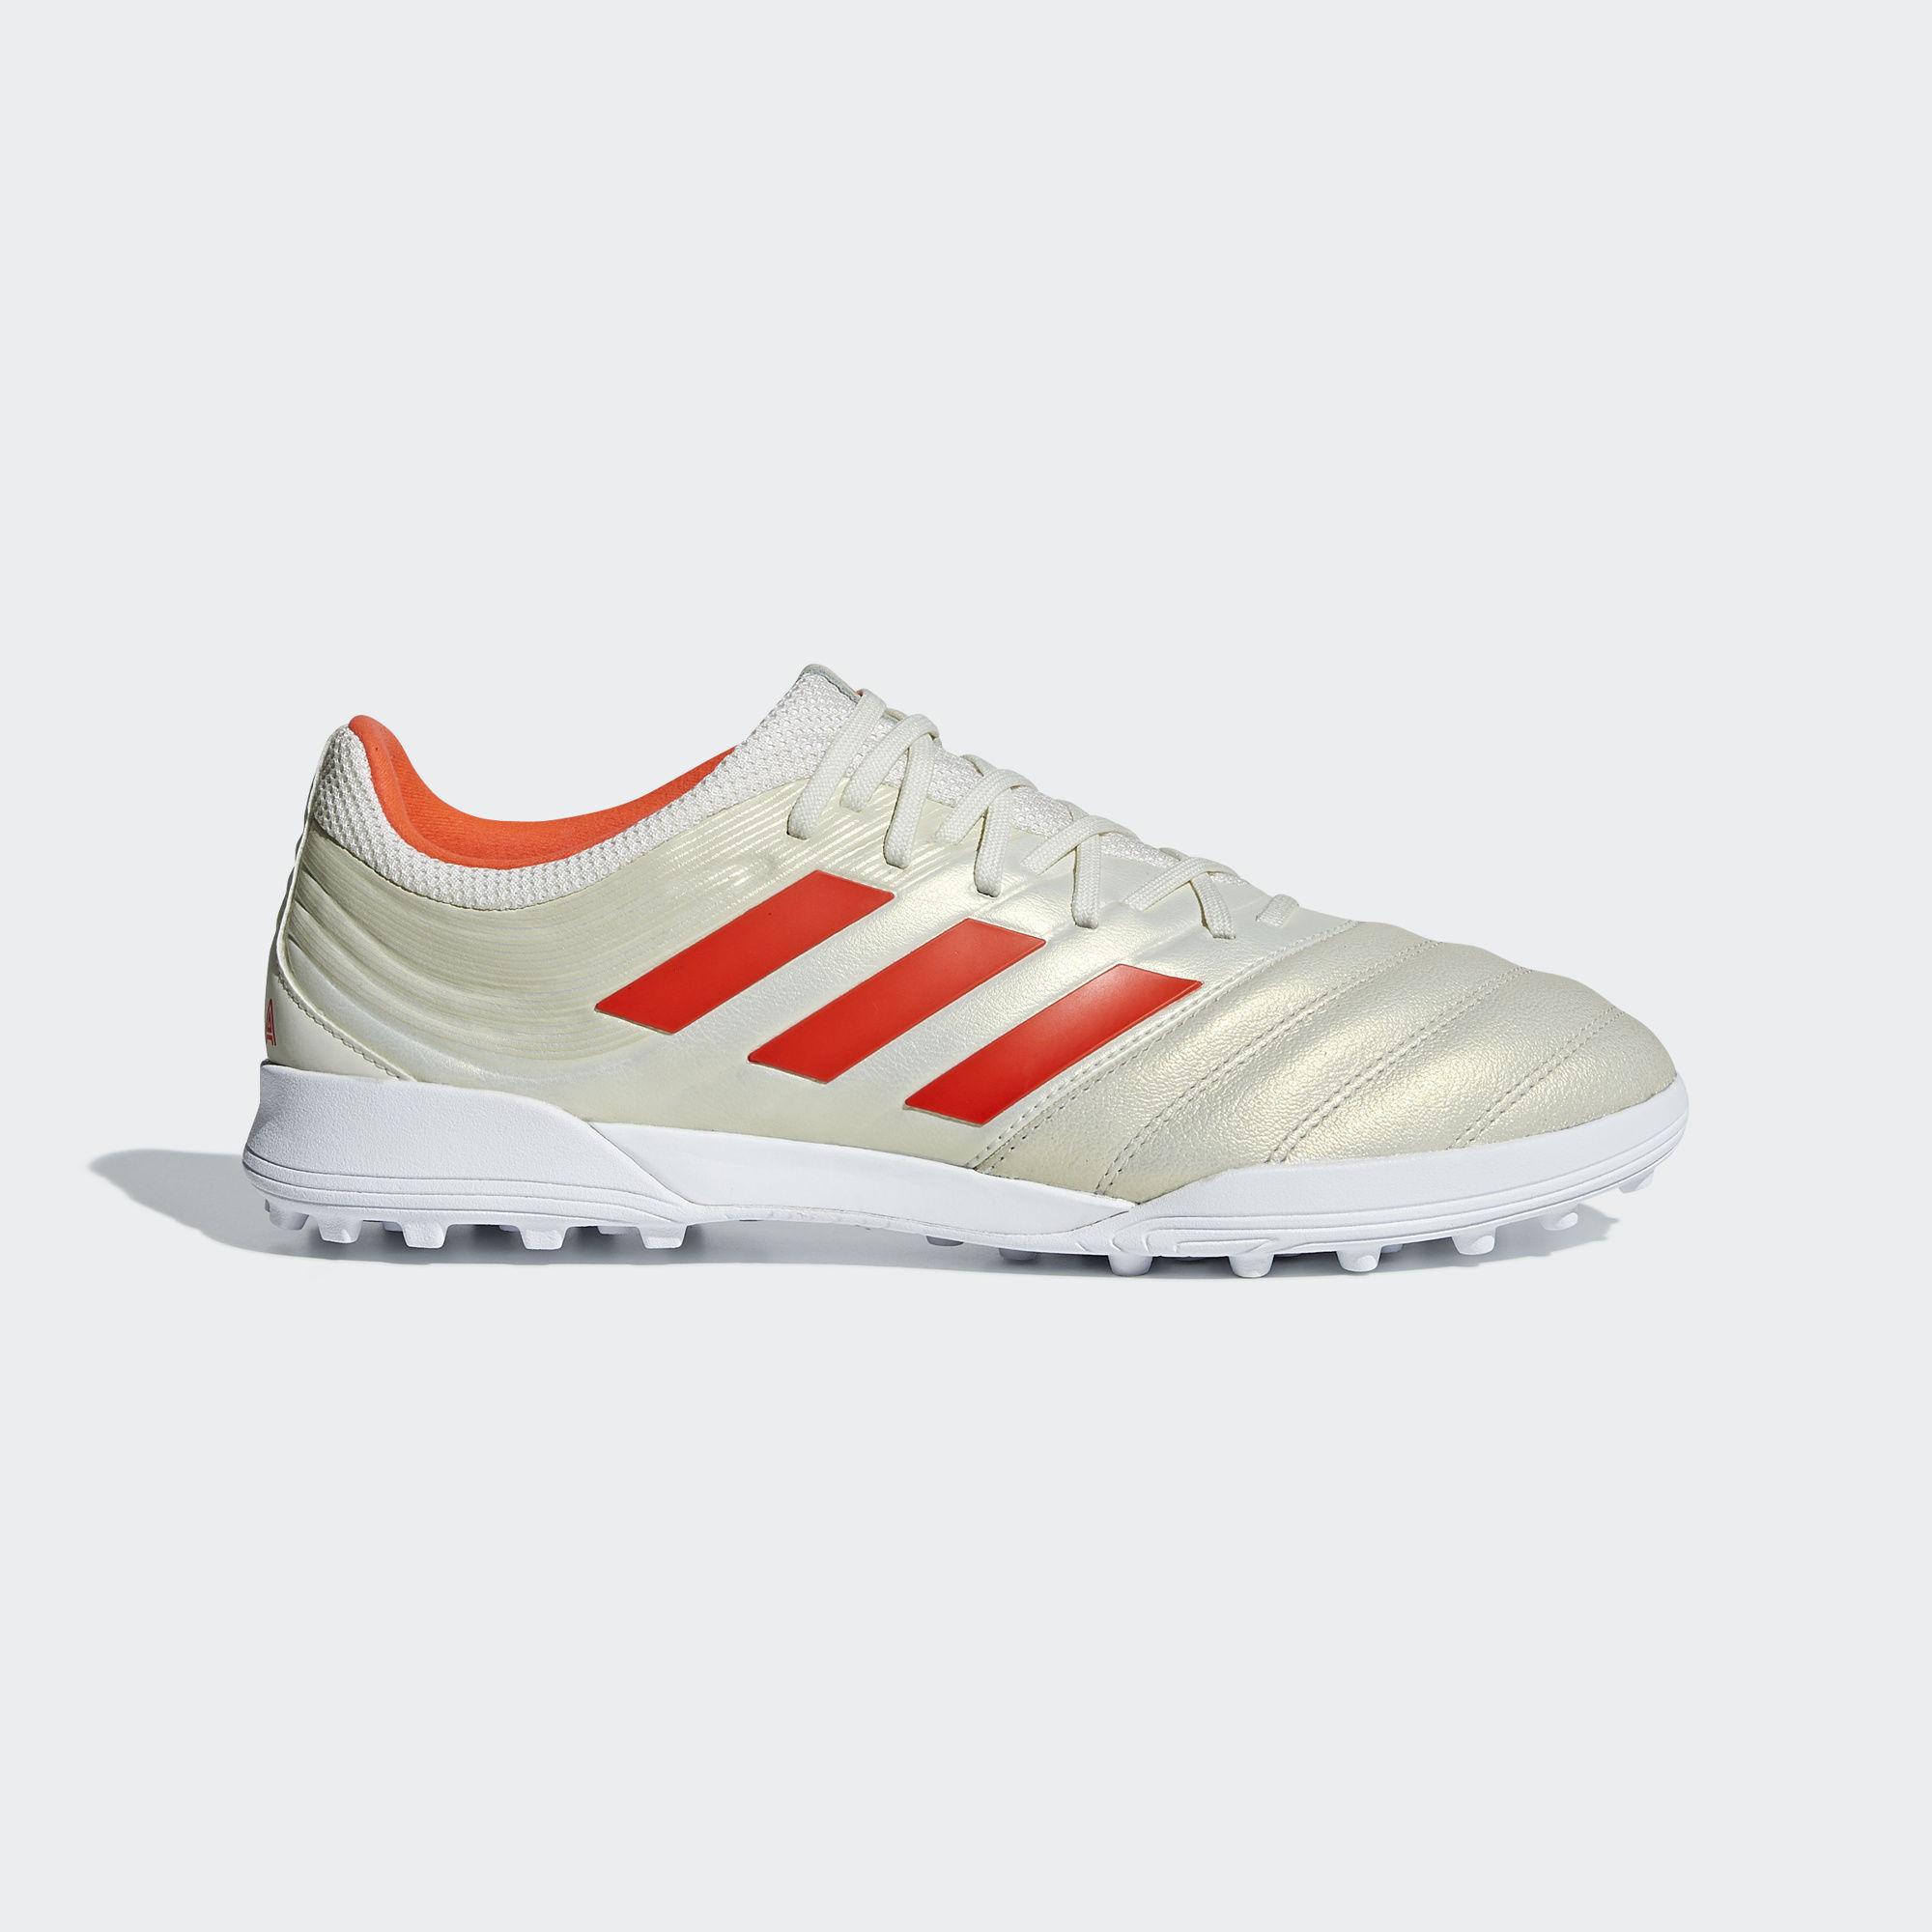 2889ff91 Футбольные бутсы Copa 19.3 TF BC0558 adidas Performance - Украина ...